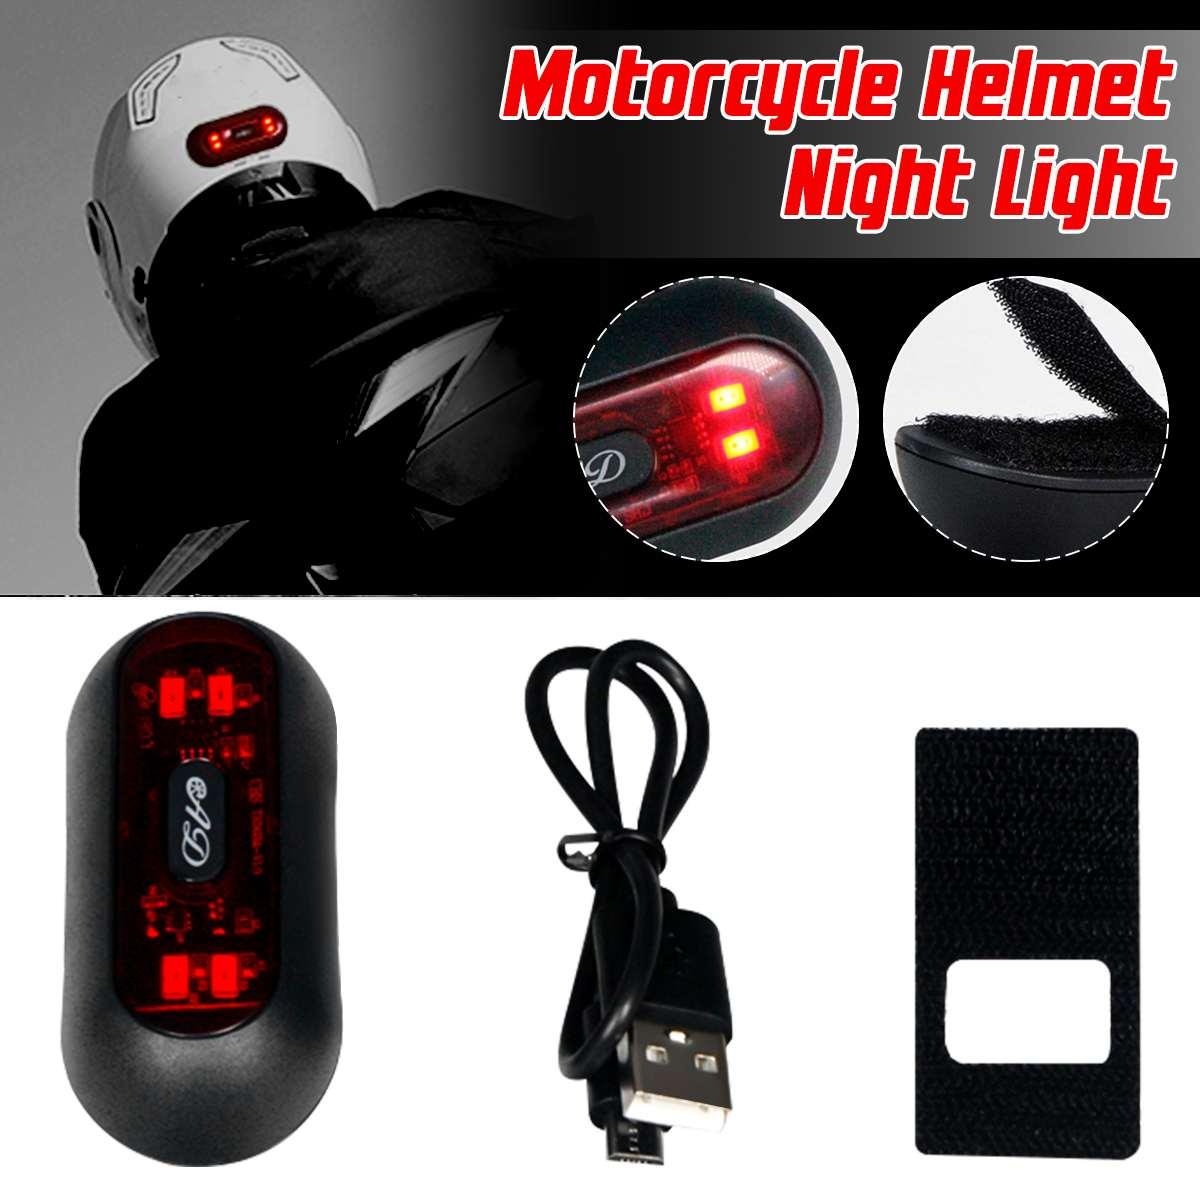 Мотоцикл для установки на трубу велосипедного шлема безопасности в ночное время, сигнал Предупреждение светильник светодиодный светильни...